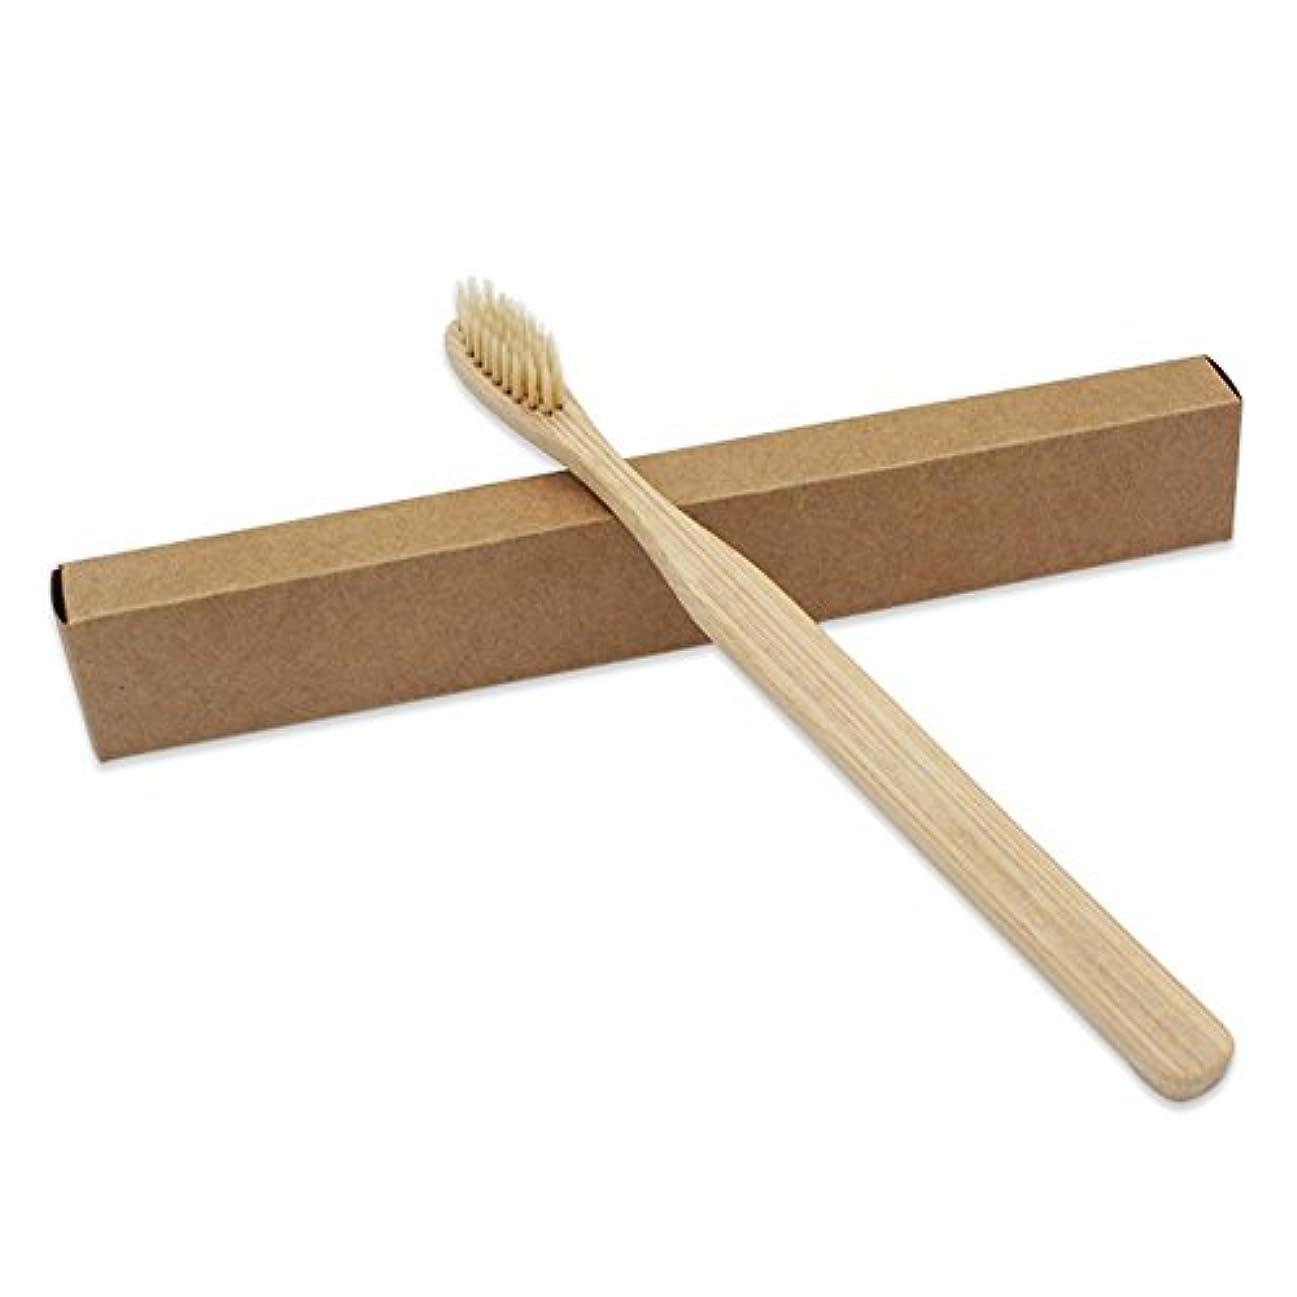 本土ラテン不定powlancejp 竹炭の歯ブラシ 竹の歯ブラシ 分解性 環境保護の歯ブラシ 天然の柔らかいブラシ